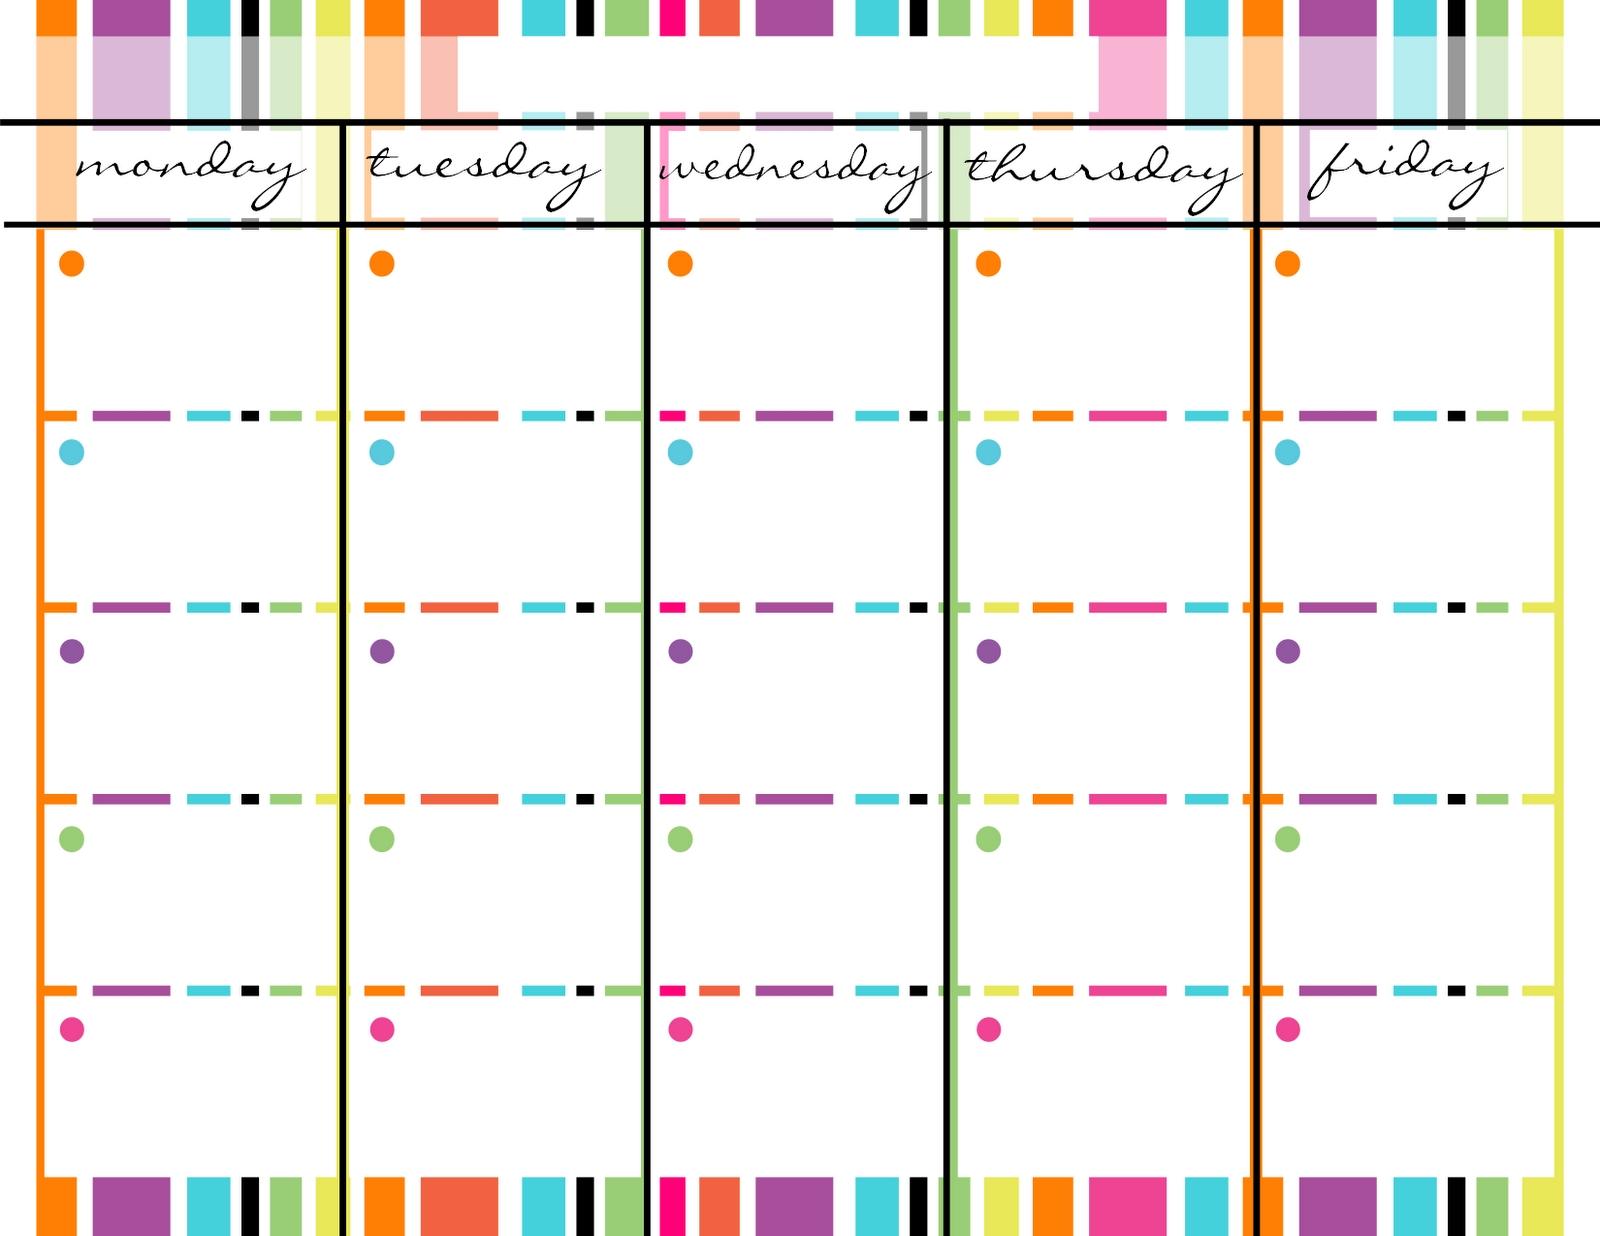 Blank Monday Through Friday Printable Calendar | Blank-Monday Through Friday Schedule Template